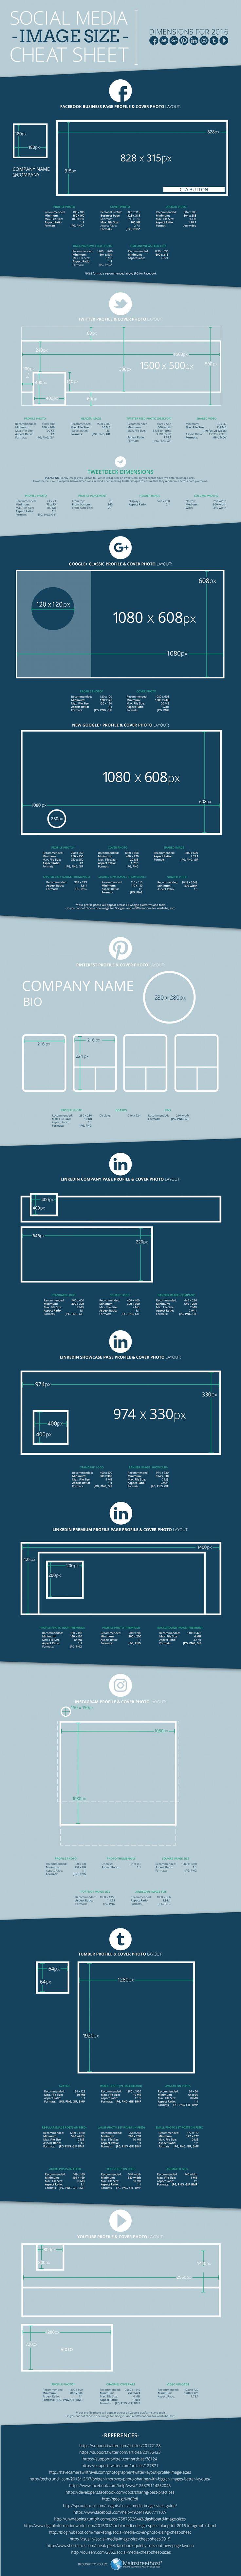 Wszystkie rozmiary zdjęć do mediów społecznościowych na jednej infografice